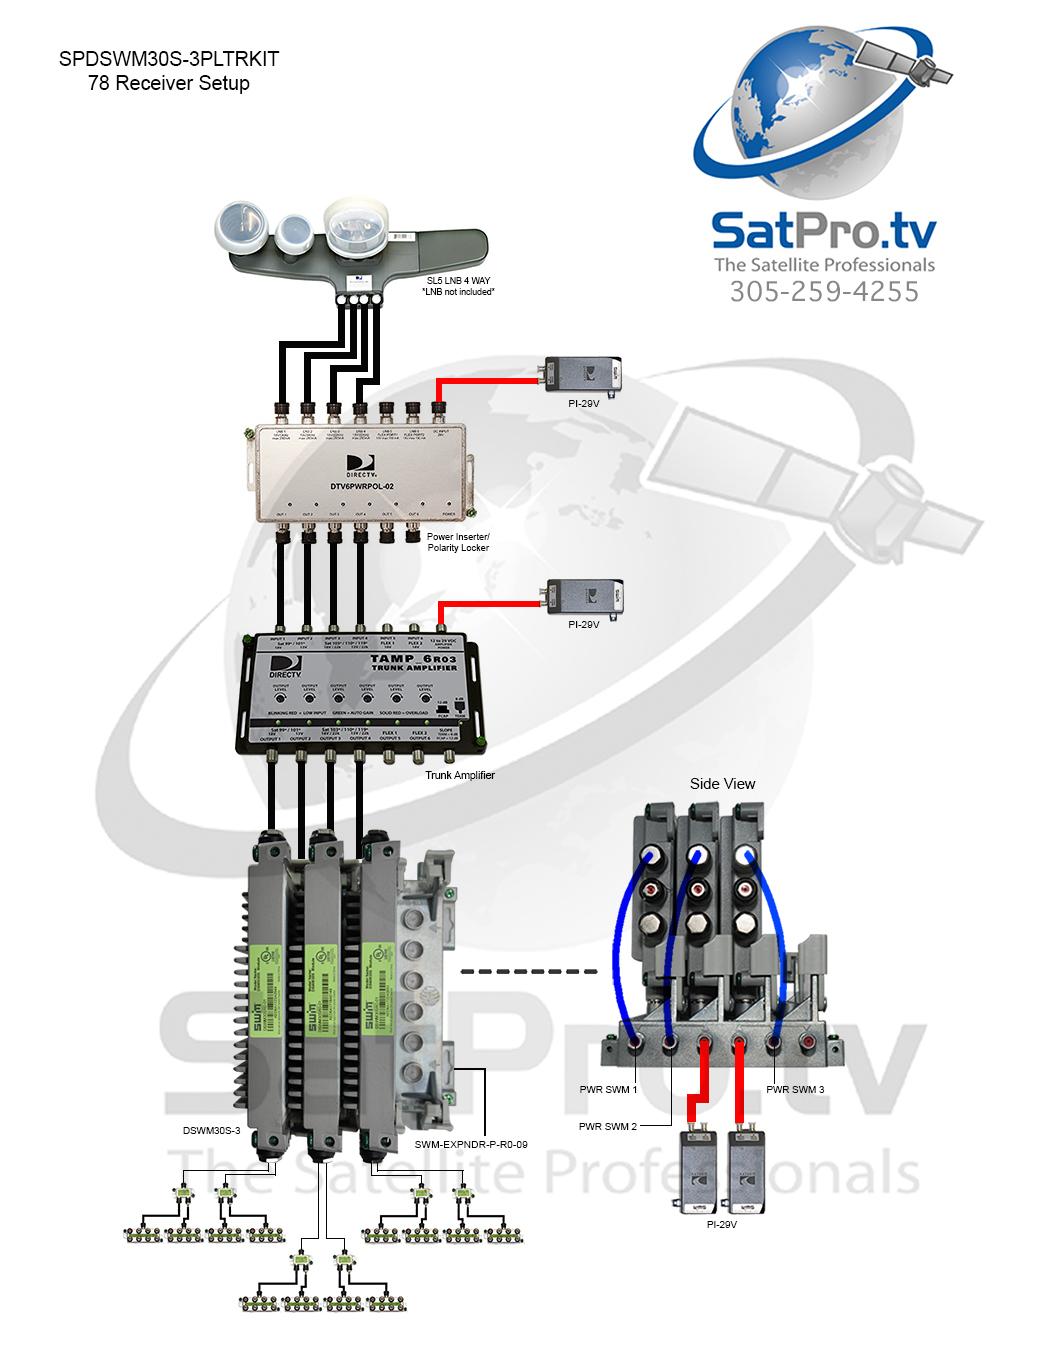 Directv Swm 32 Wiring Diagram Get Free Image About Wiring Diagram